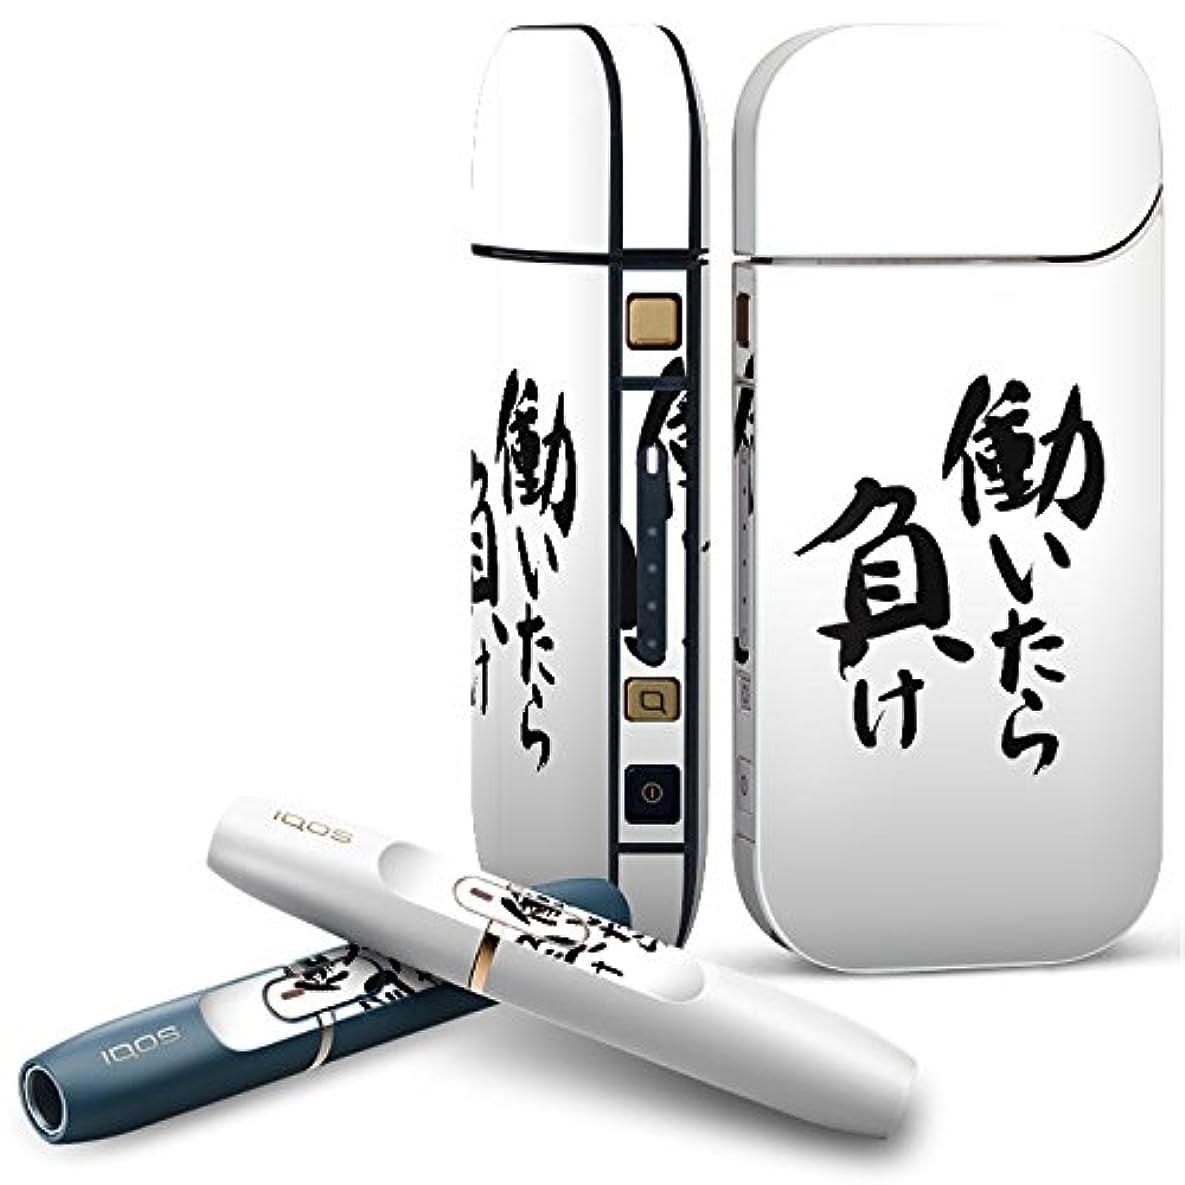 ホイッスル海軍センチメンタルIQOS 2.4 plus 専用スキンシール COMPLETE アイコス 全面セット サイド ボタン デコ 日本語?和柄 日本語 漢字 001703